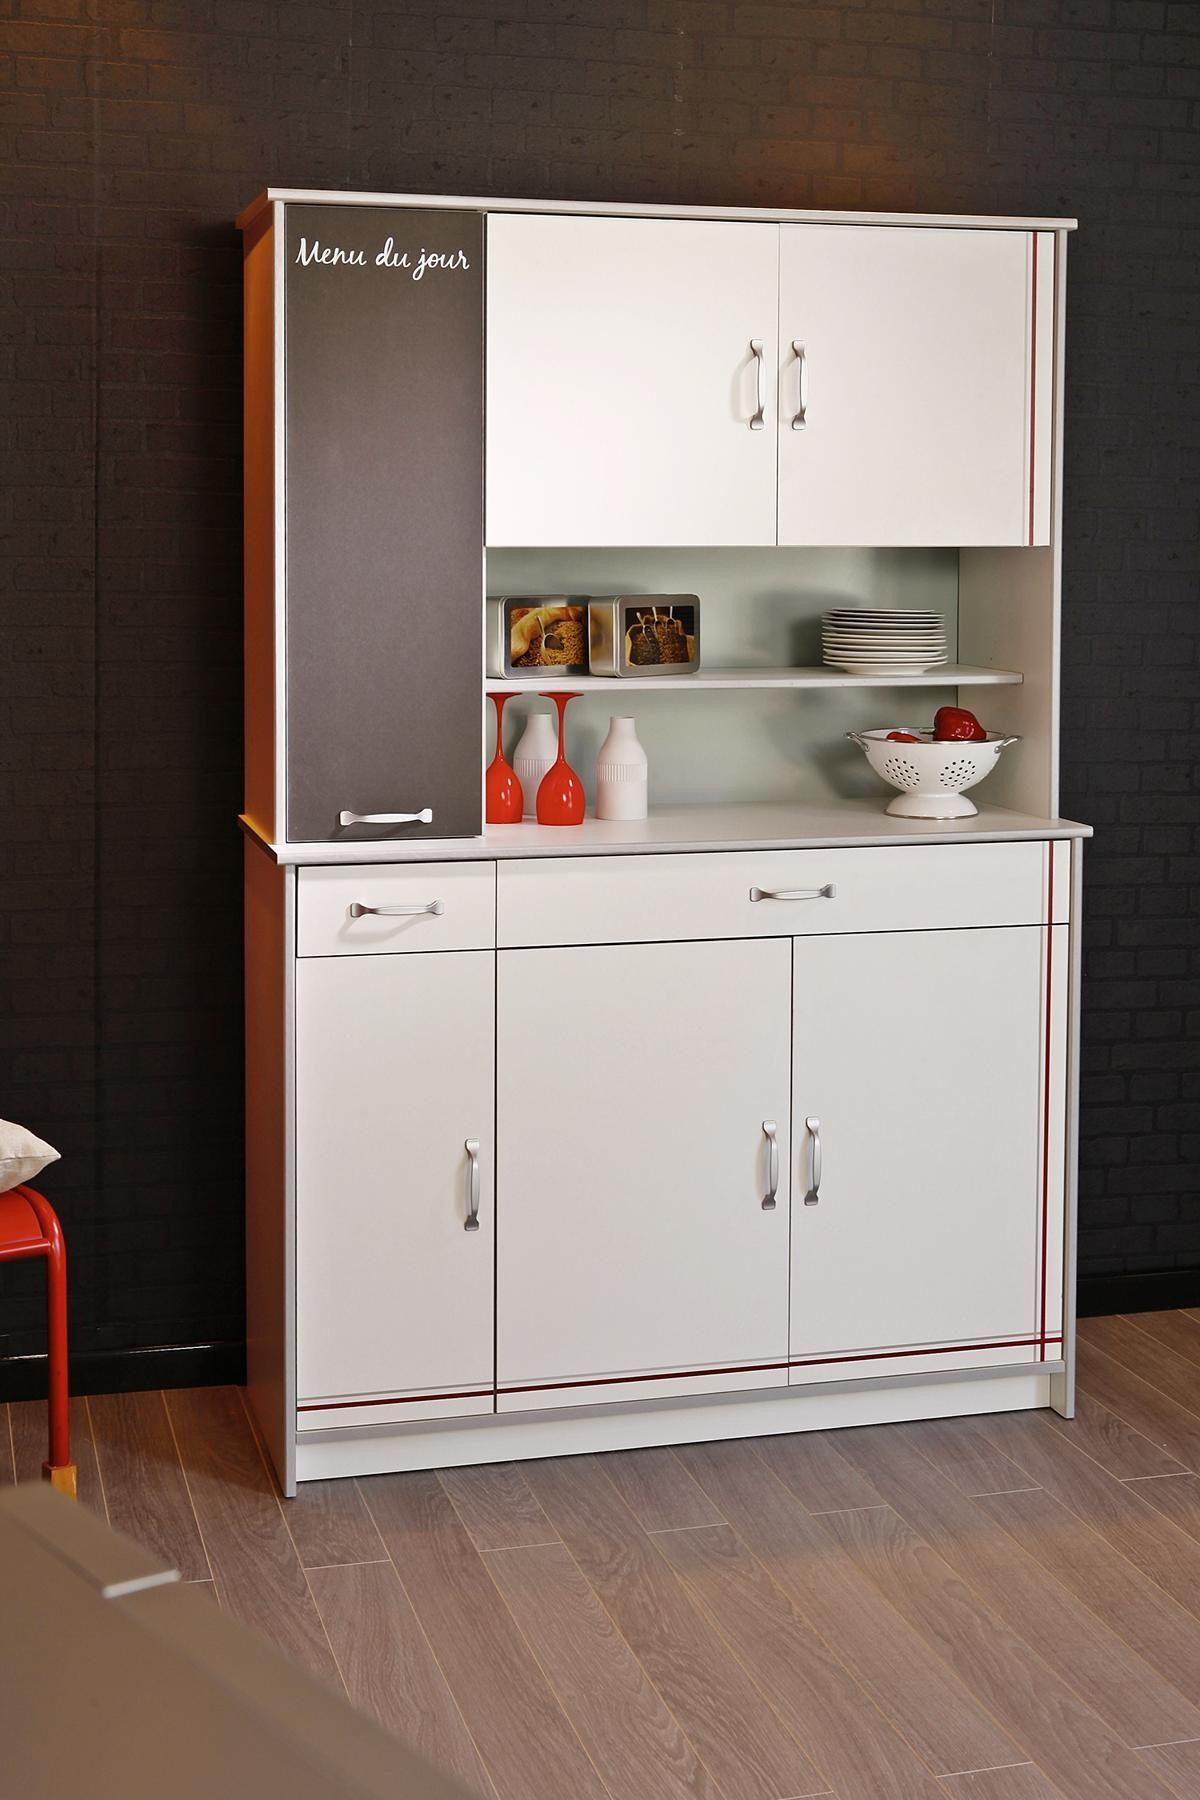 Küchenbuffet Matteo Die Küchenmöbel von Matteo sind ideal, wenn man ...